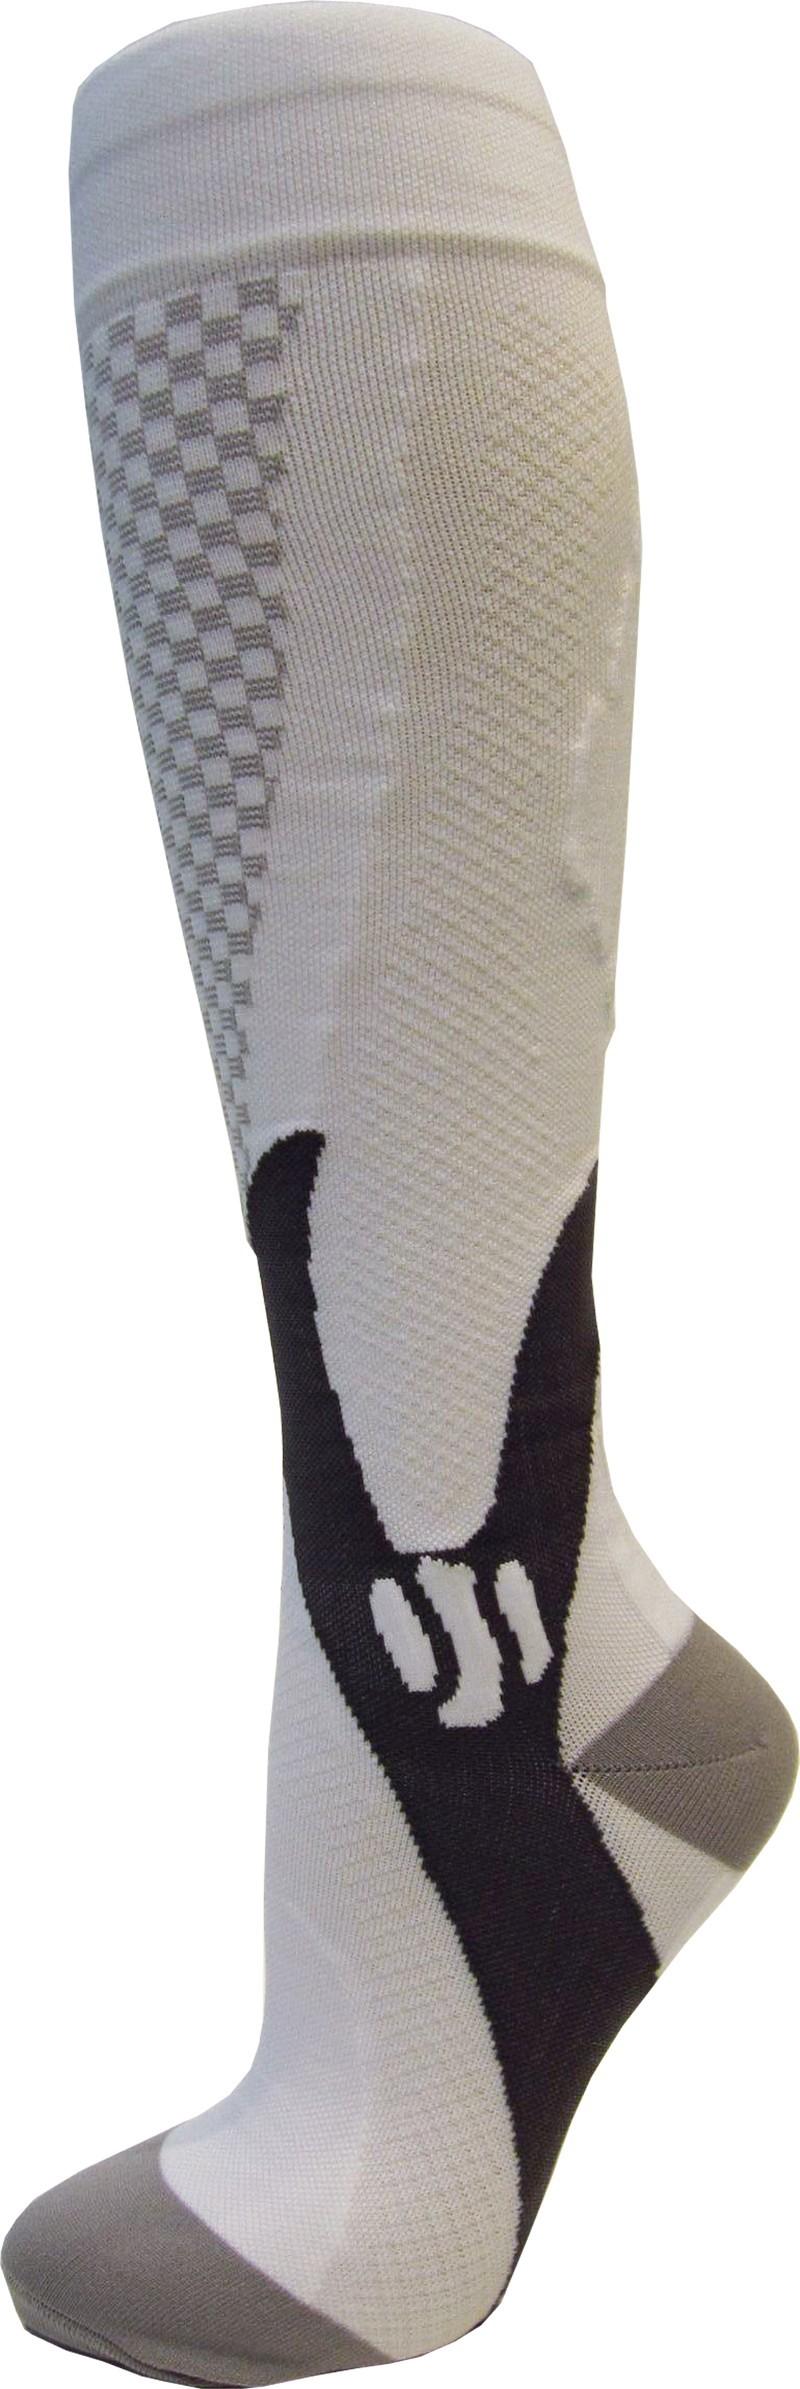 Kompresní sportovní ponožky CHECKER, bílé, vel. 45+